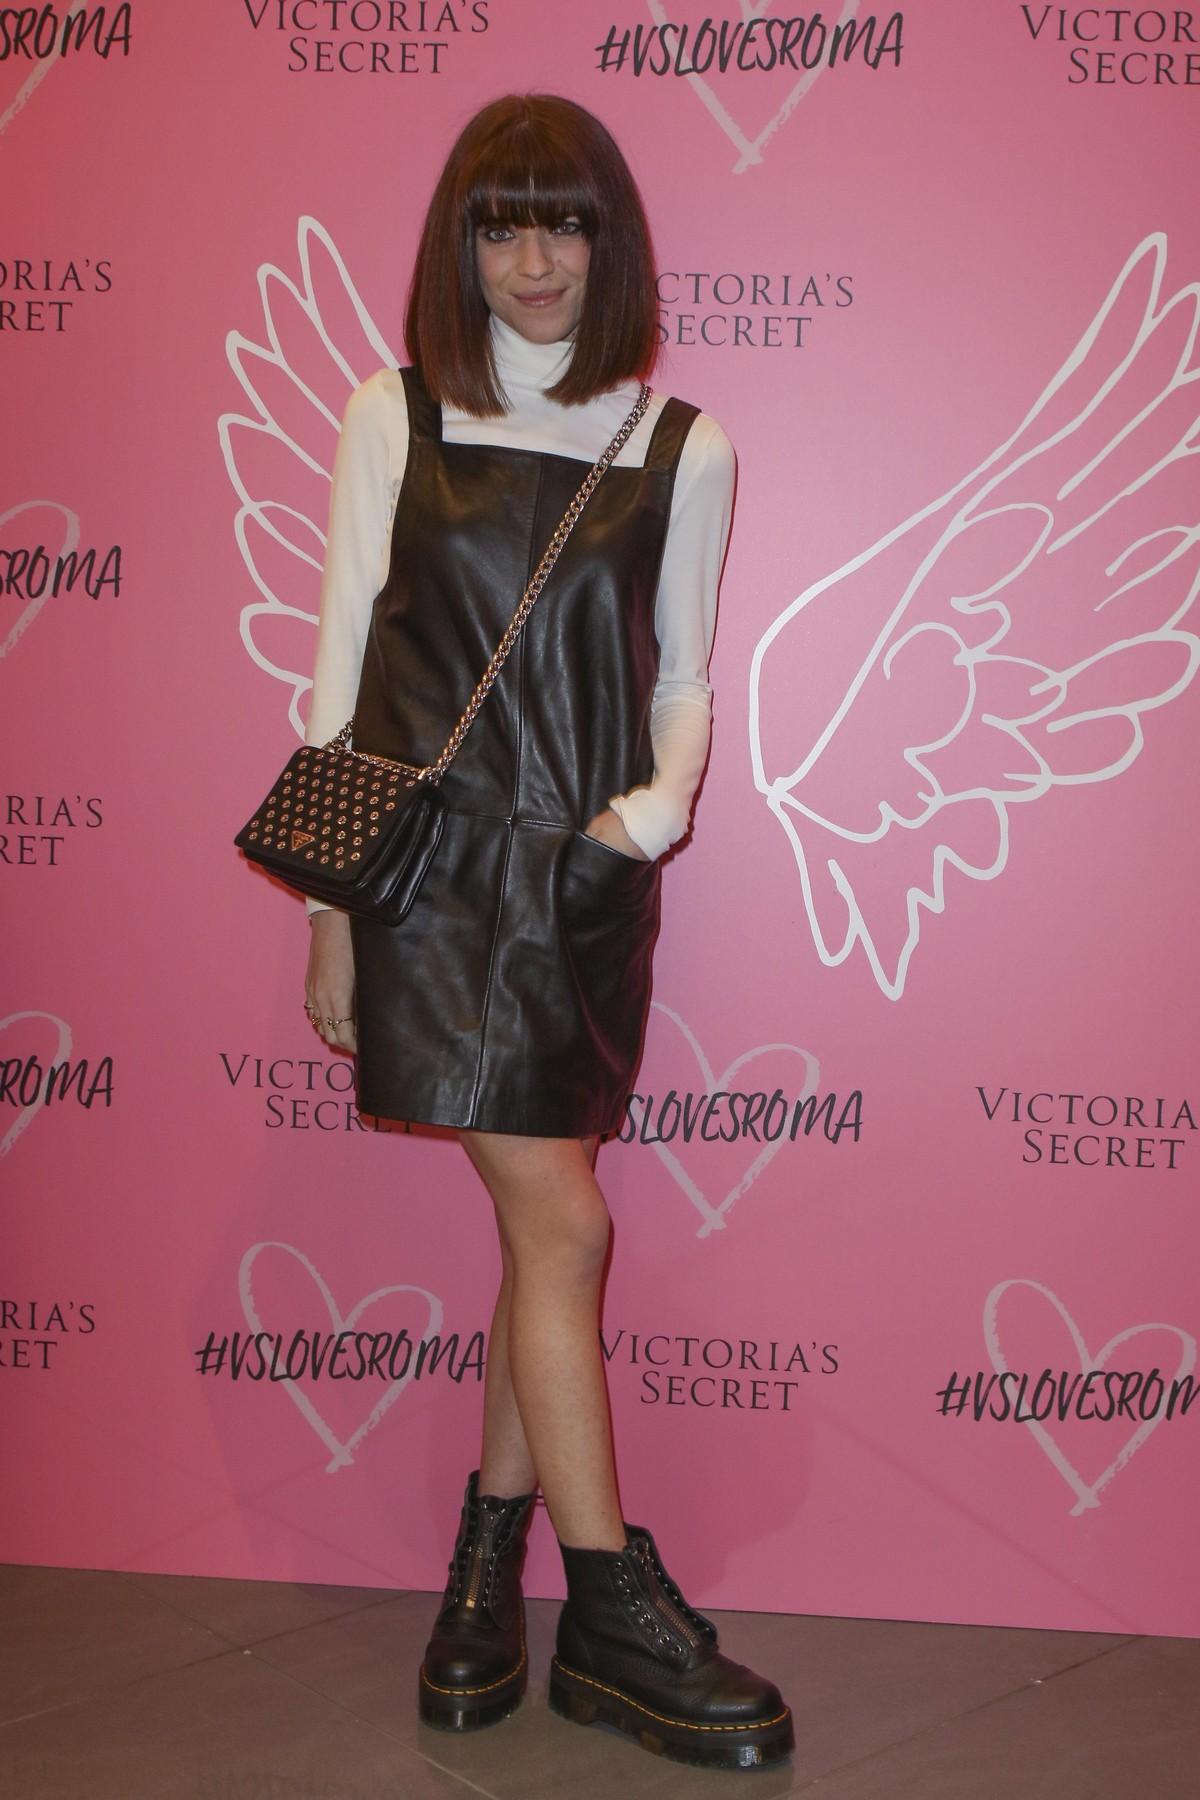 Victoria's Secret Porta di Roma